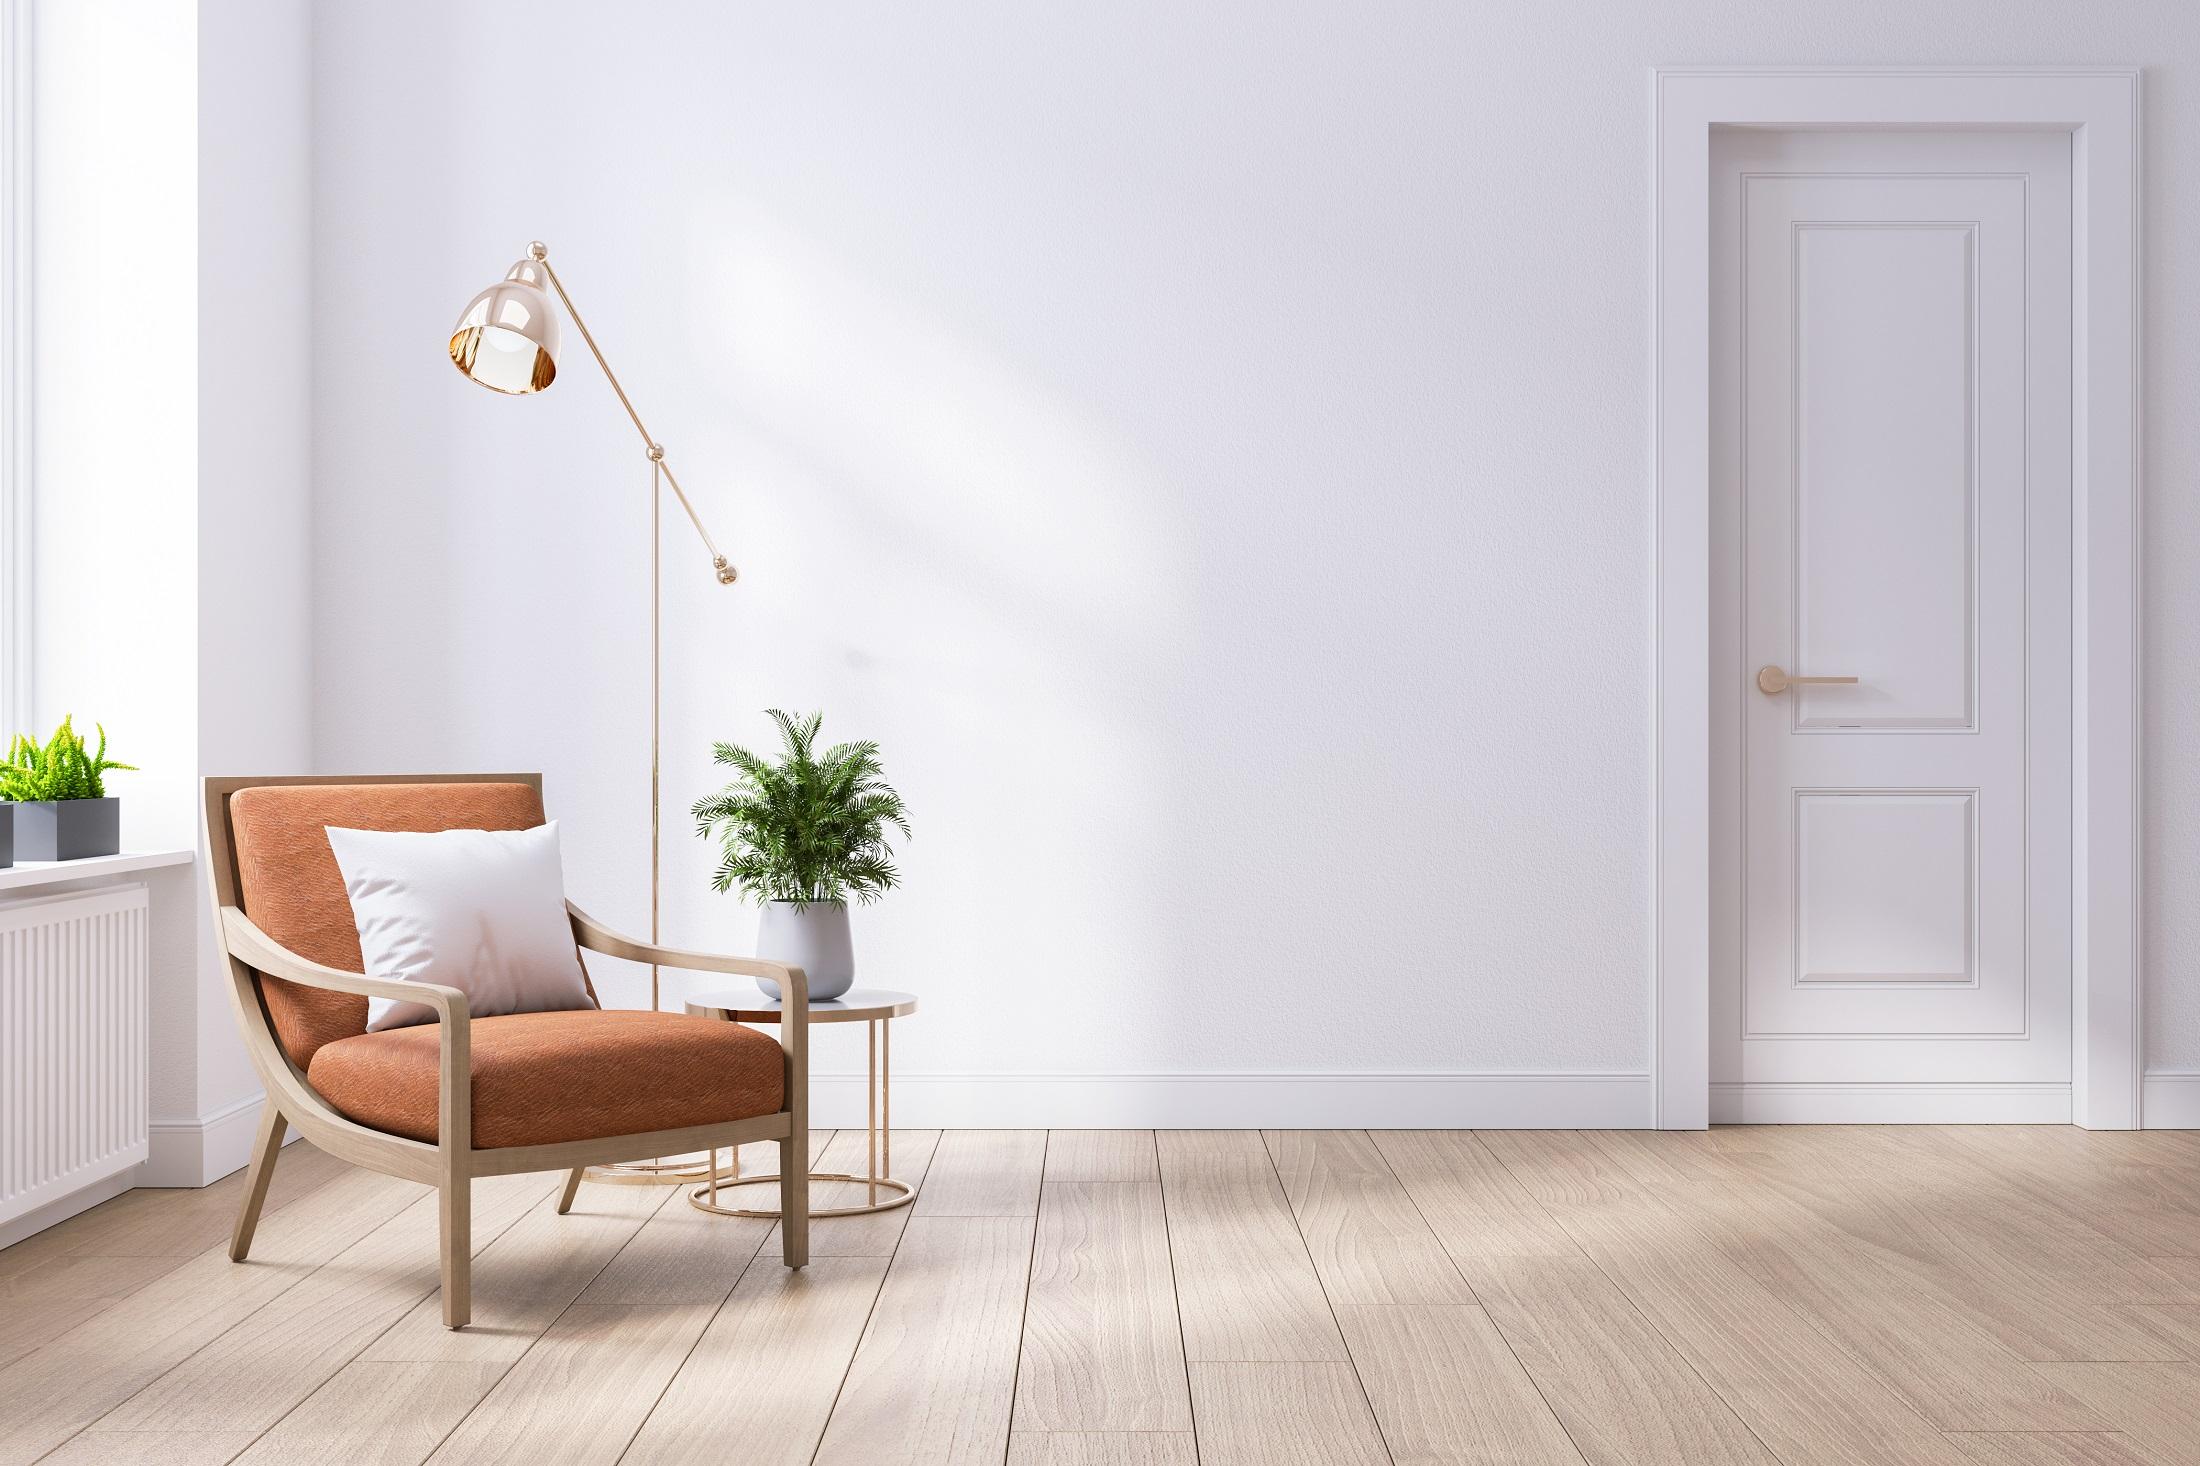 Minimalismus v bytě: Krása jednoduchosti